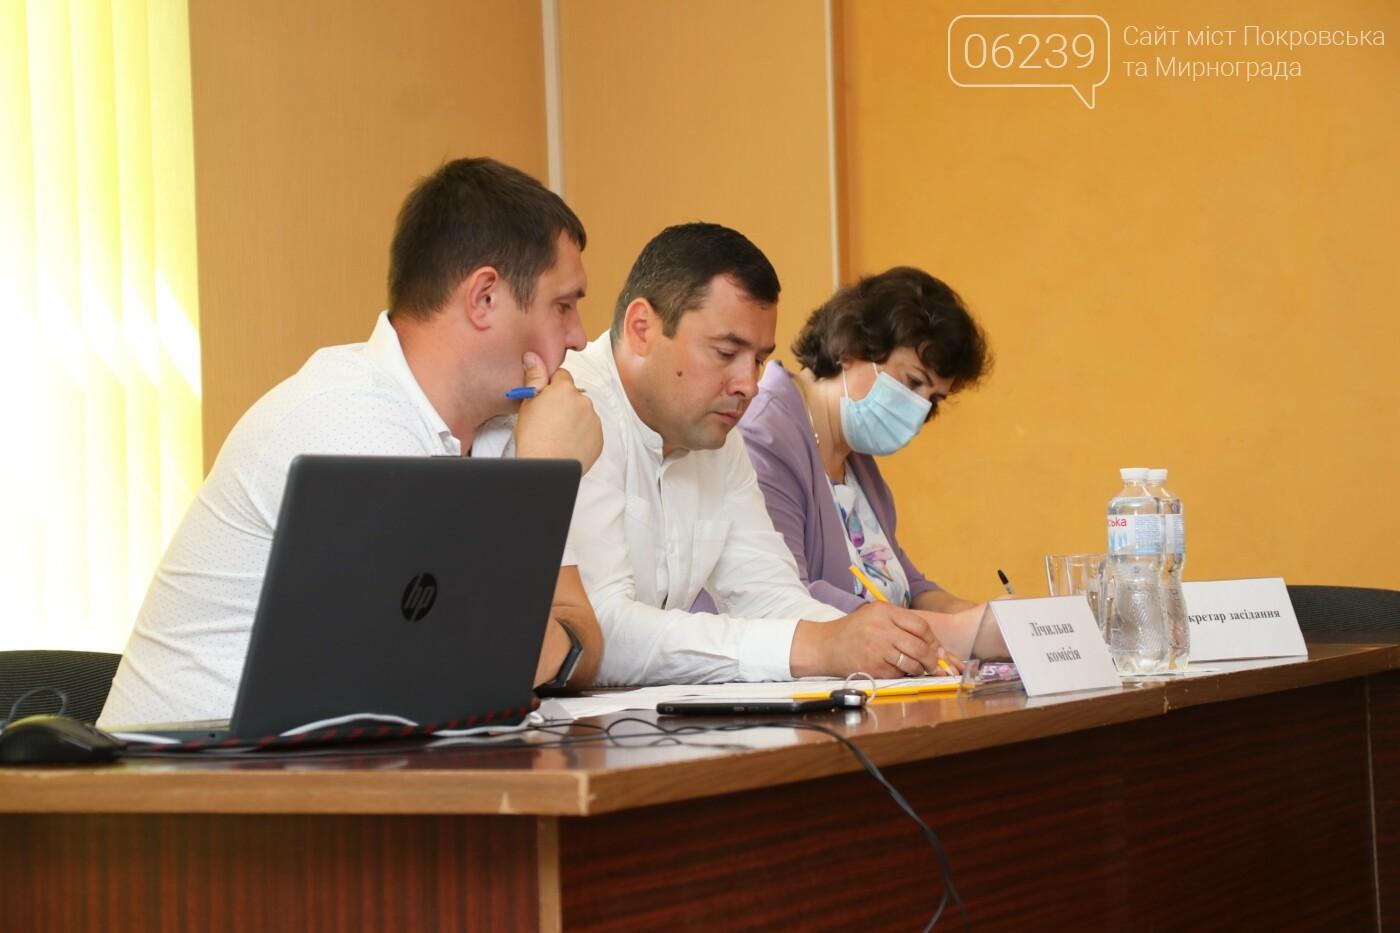 Вопросы благоустройства города и местного бюджета: в Мирнограде состоялась сессия городского совета, фото-7